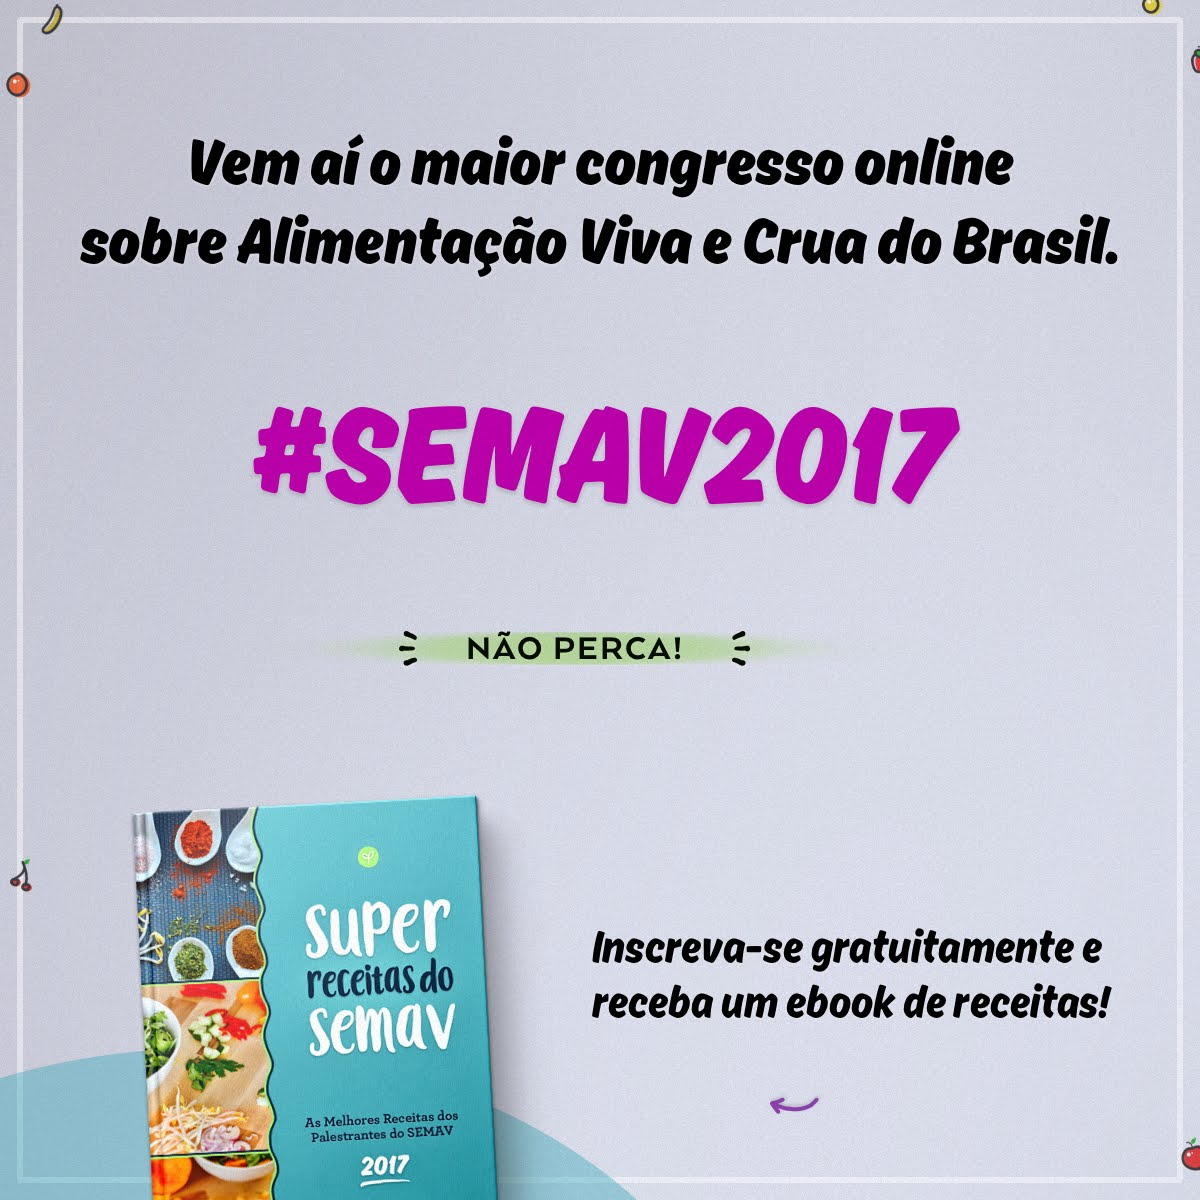 ABERTURA DA SEMANA DA ALIMENTAÇÃO VIVA, SEGUNDA-FEIRA DIA 6/11